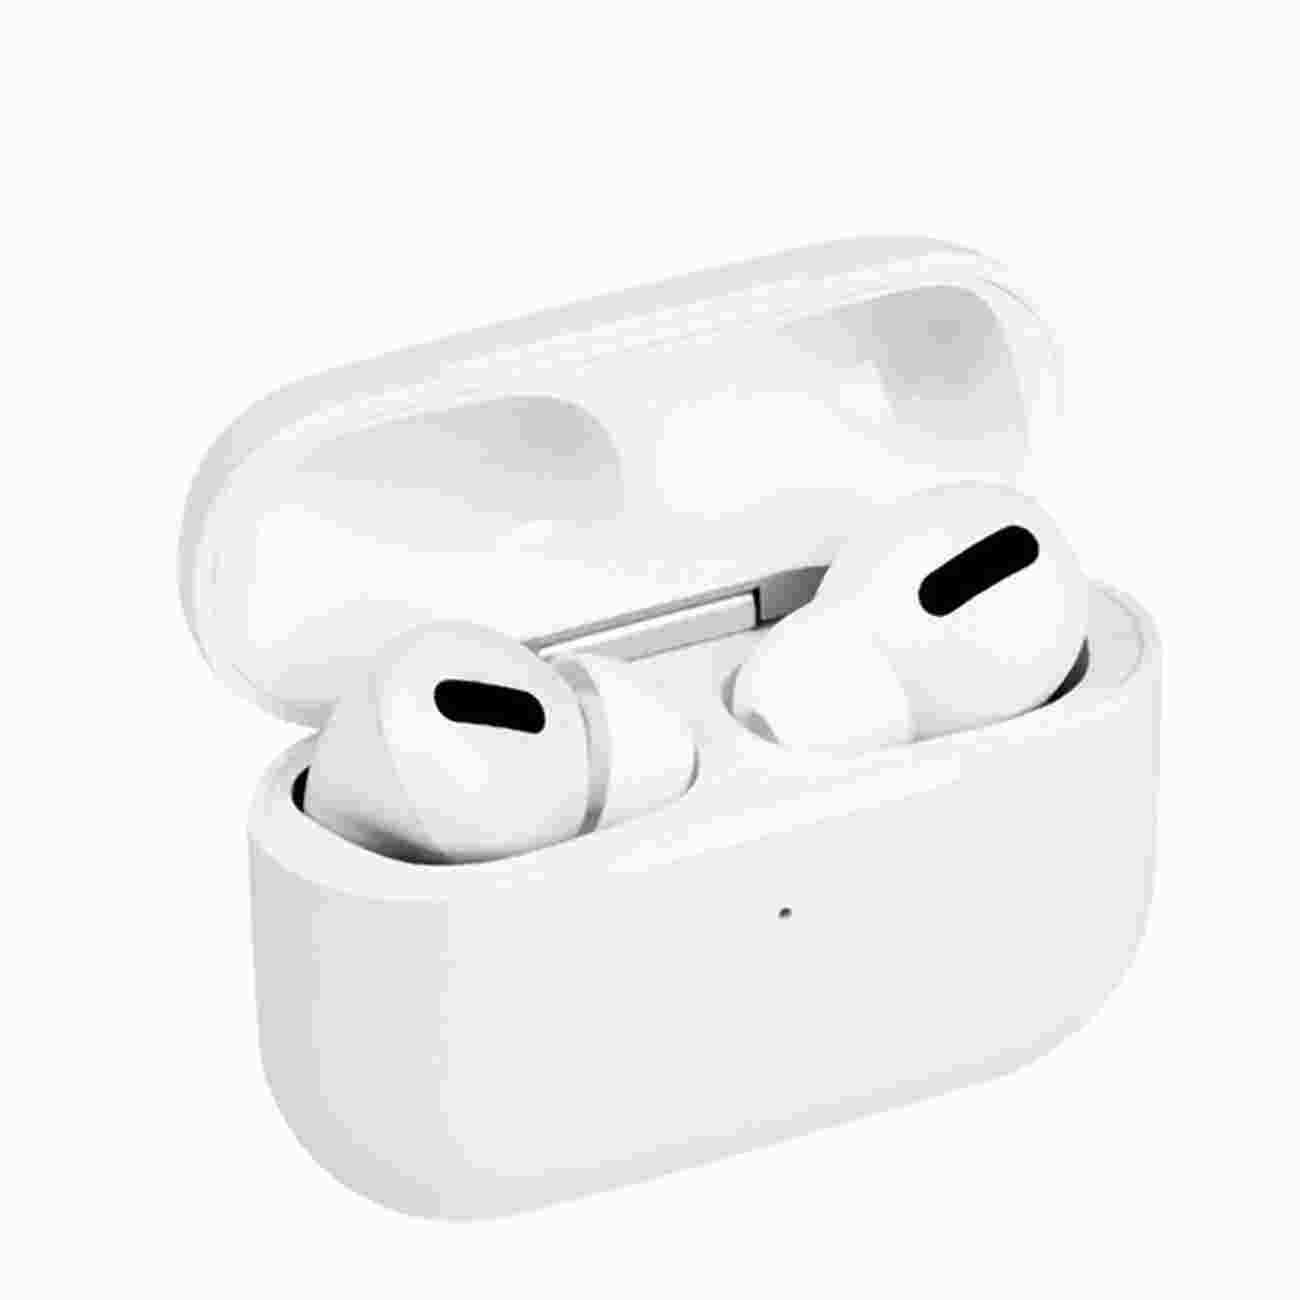 RB-J39蓝牙无线耳机 力量威 tws蓝牙无线耳机定制耳机生产商